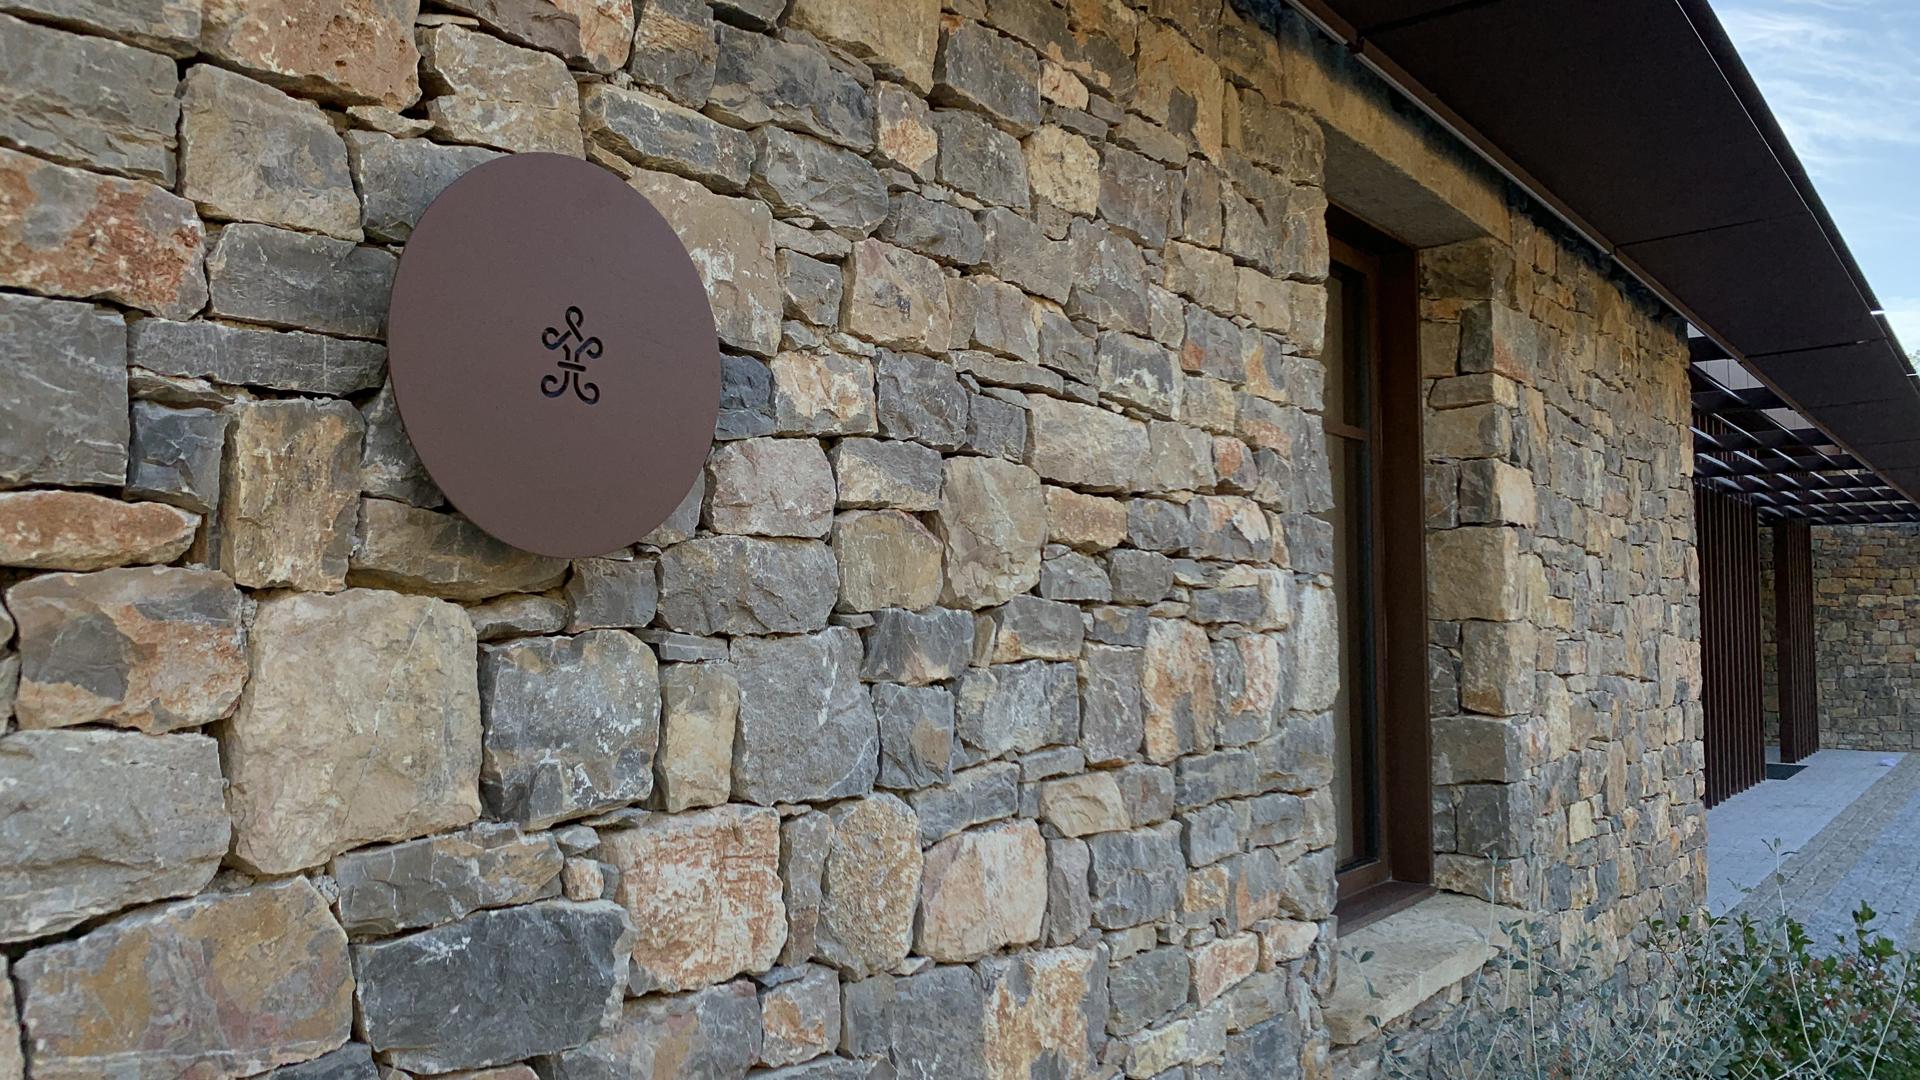 L' applique extérieure LED personnalisée et fabriquée sur mesure pour le Château de la Martinette est en acier. Il s'agit d'une personnalisation d' applique murale extérieure LYX Luminaires. Cette applique extérieure puissante est équipée d'une source LED basse consommation performante. Cette lampe extérieure murale LED fait partie avec les appliques solaires murales LYX Luminaires de la vaste collection de lampes murales extérieures LYX Luminaires. L' applique extérieure design sur mesure pour La Martinette est idéale pour l'éclairage de pilier, l'éclairage de portail, l'éclairage de façade, l'éclairage mural, l'éclairage d'allées, l'éclairage de murets. Une applique murale design pour un éclairage original et un éclairage performant.